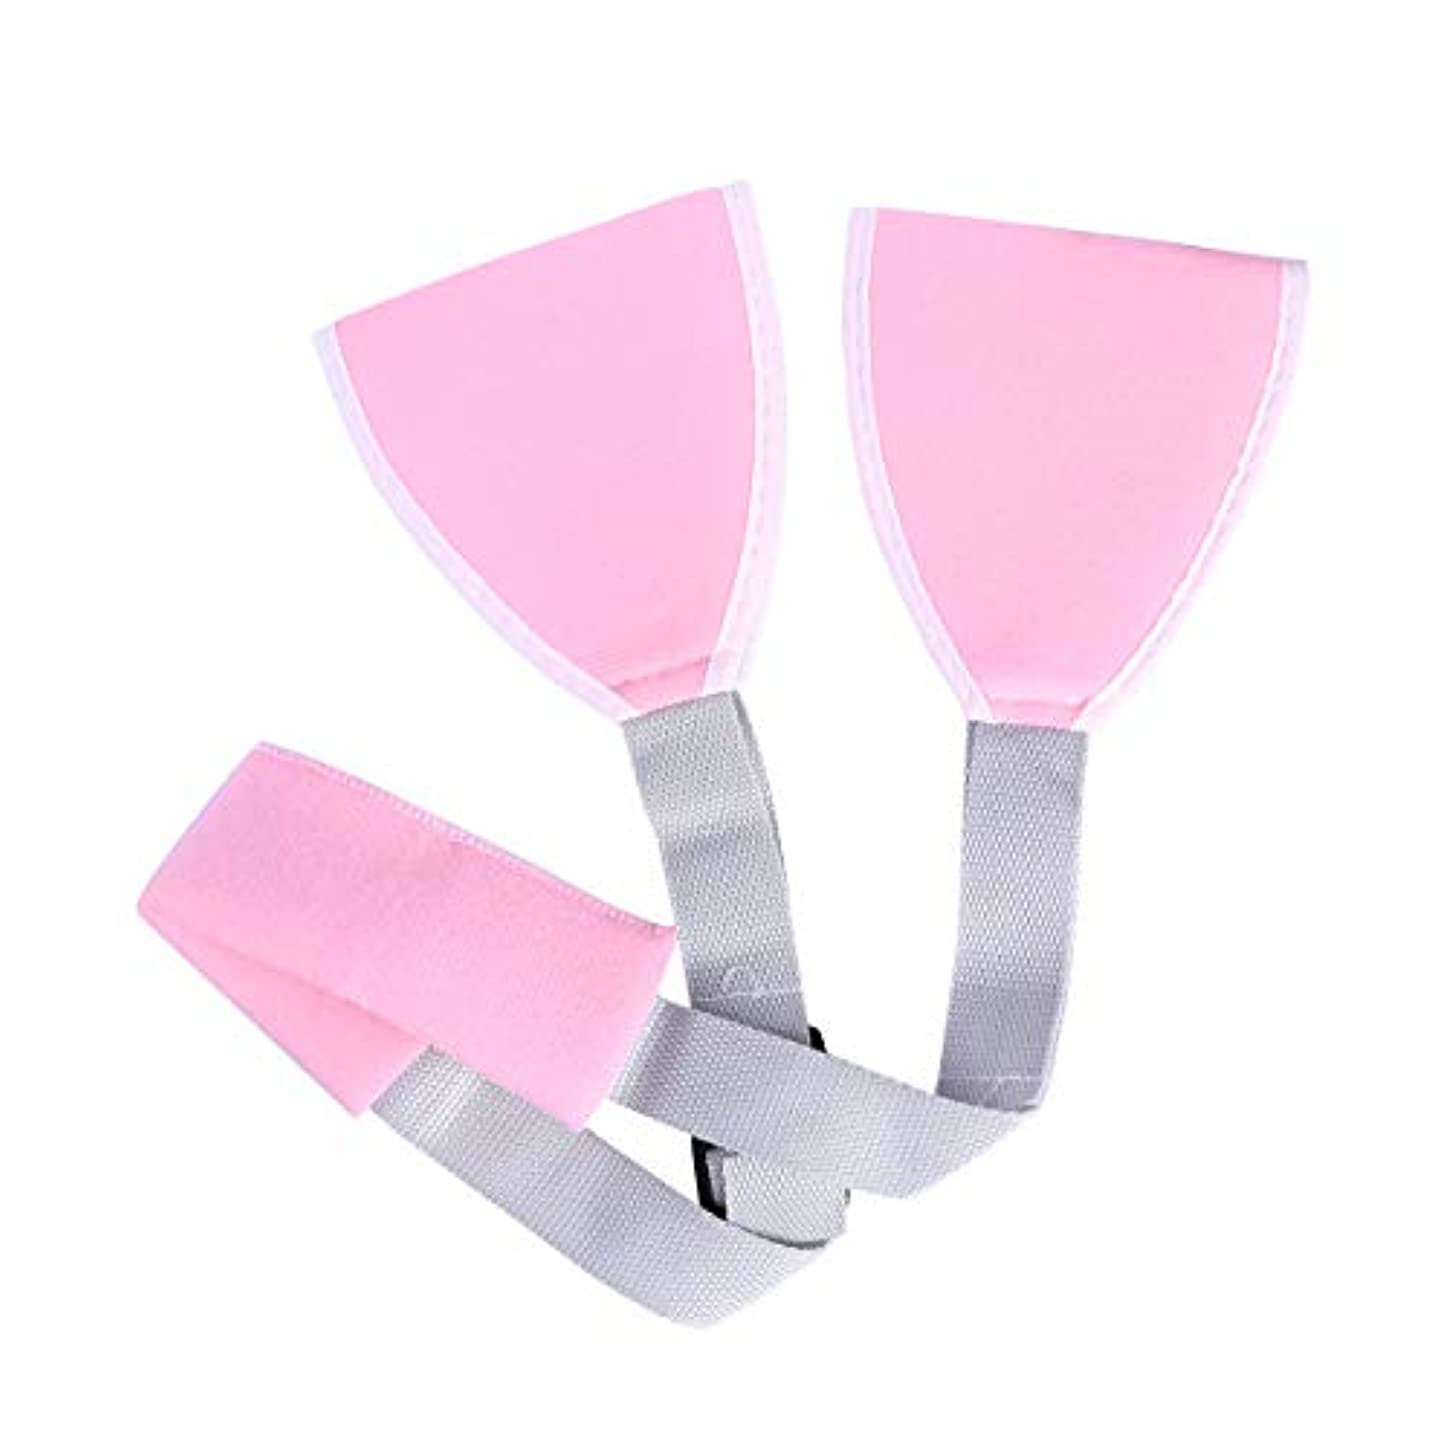 プラスチックレギュラー限りHealifty アームスリング アームホルダー アームスリング アームのサポート 調節可能 通気性 調節可能 腕の骨折?脱臼時のギプス固定 医療用スリング(ピンク)